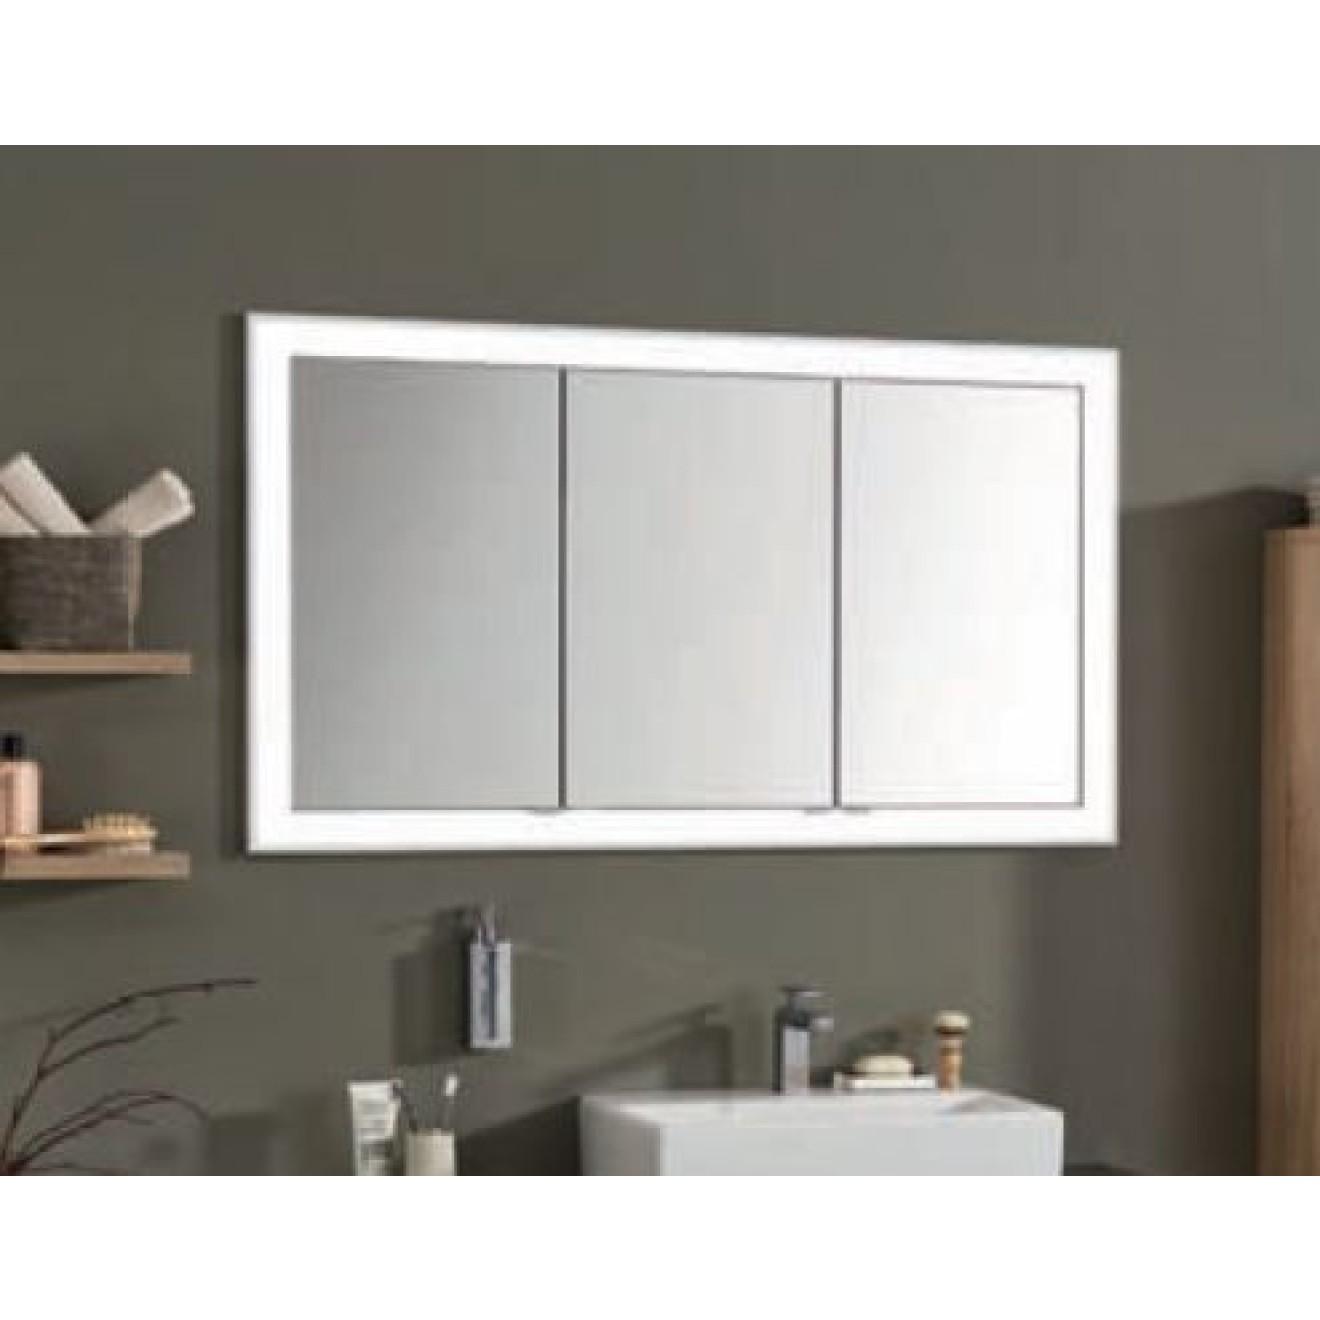 Einbau-Spiegelschrank 152 cm 3-türig mit LED Leuchtkranz, Treffpunkt ...